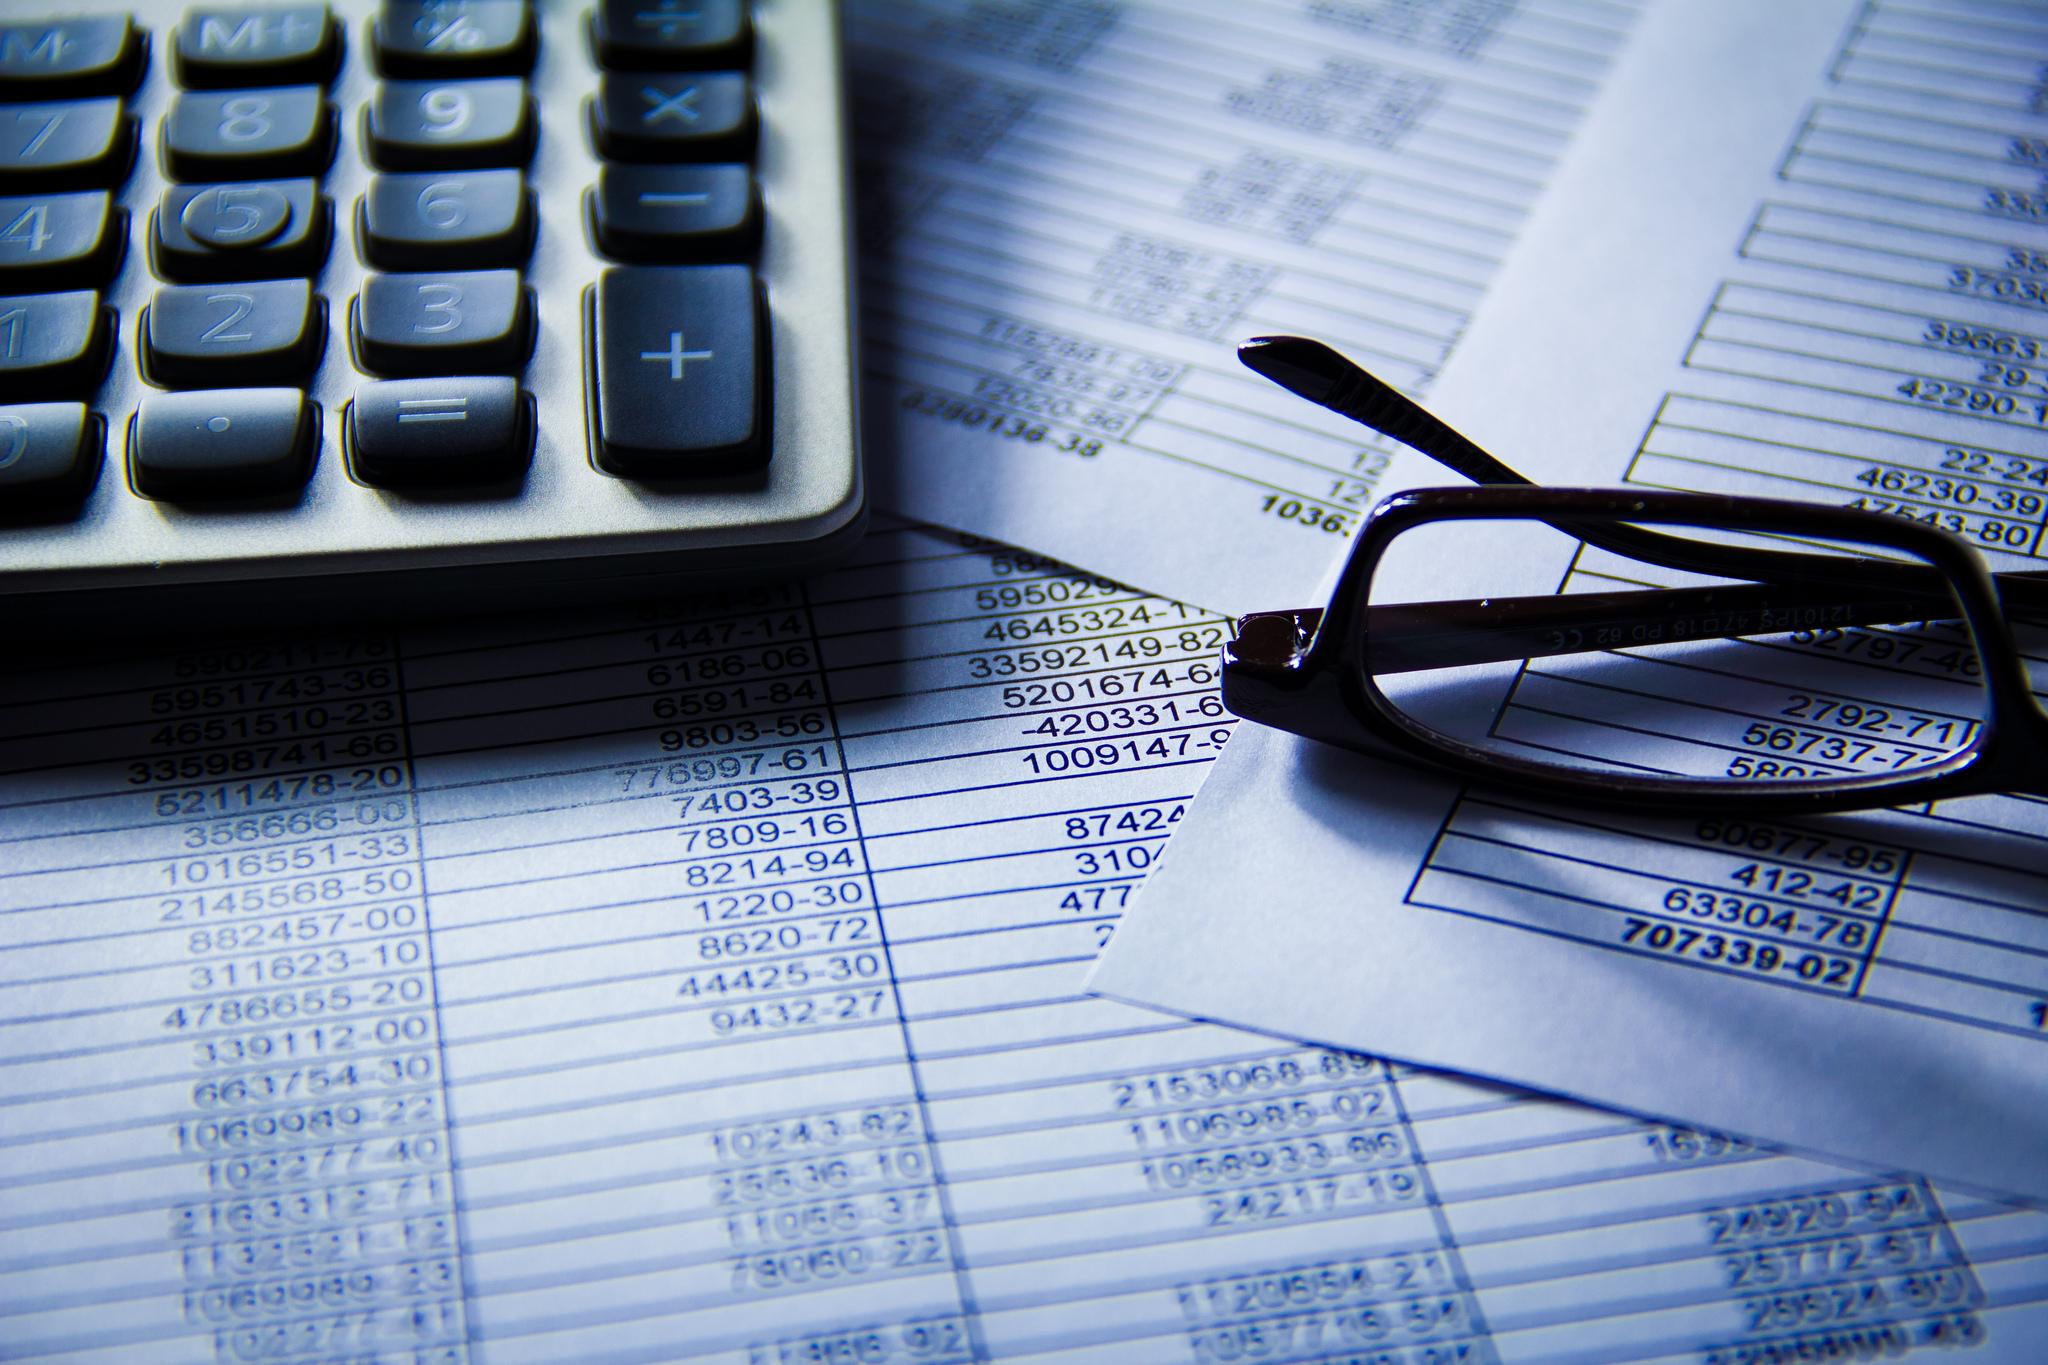 Почему минфин считает нецелесообразным прогрессивное налогообложение?